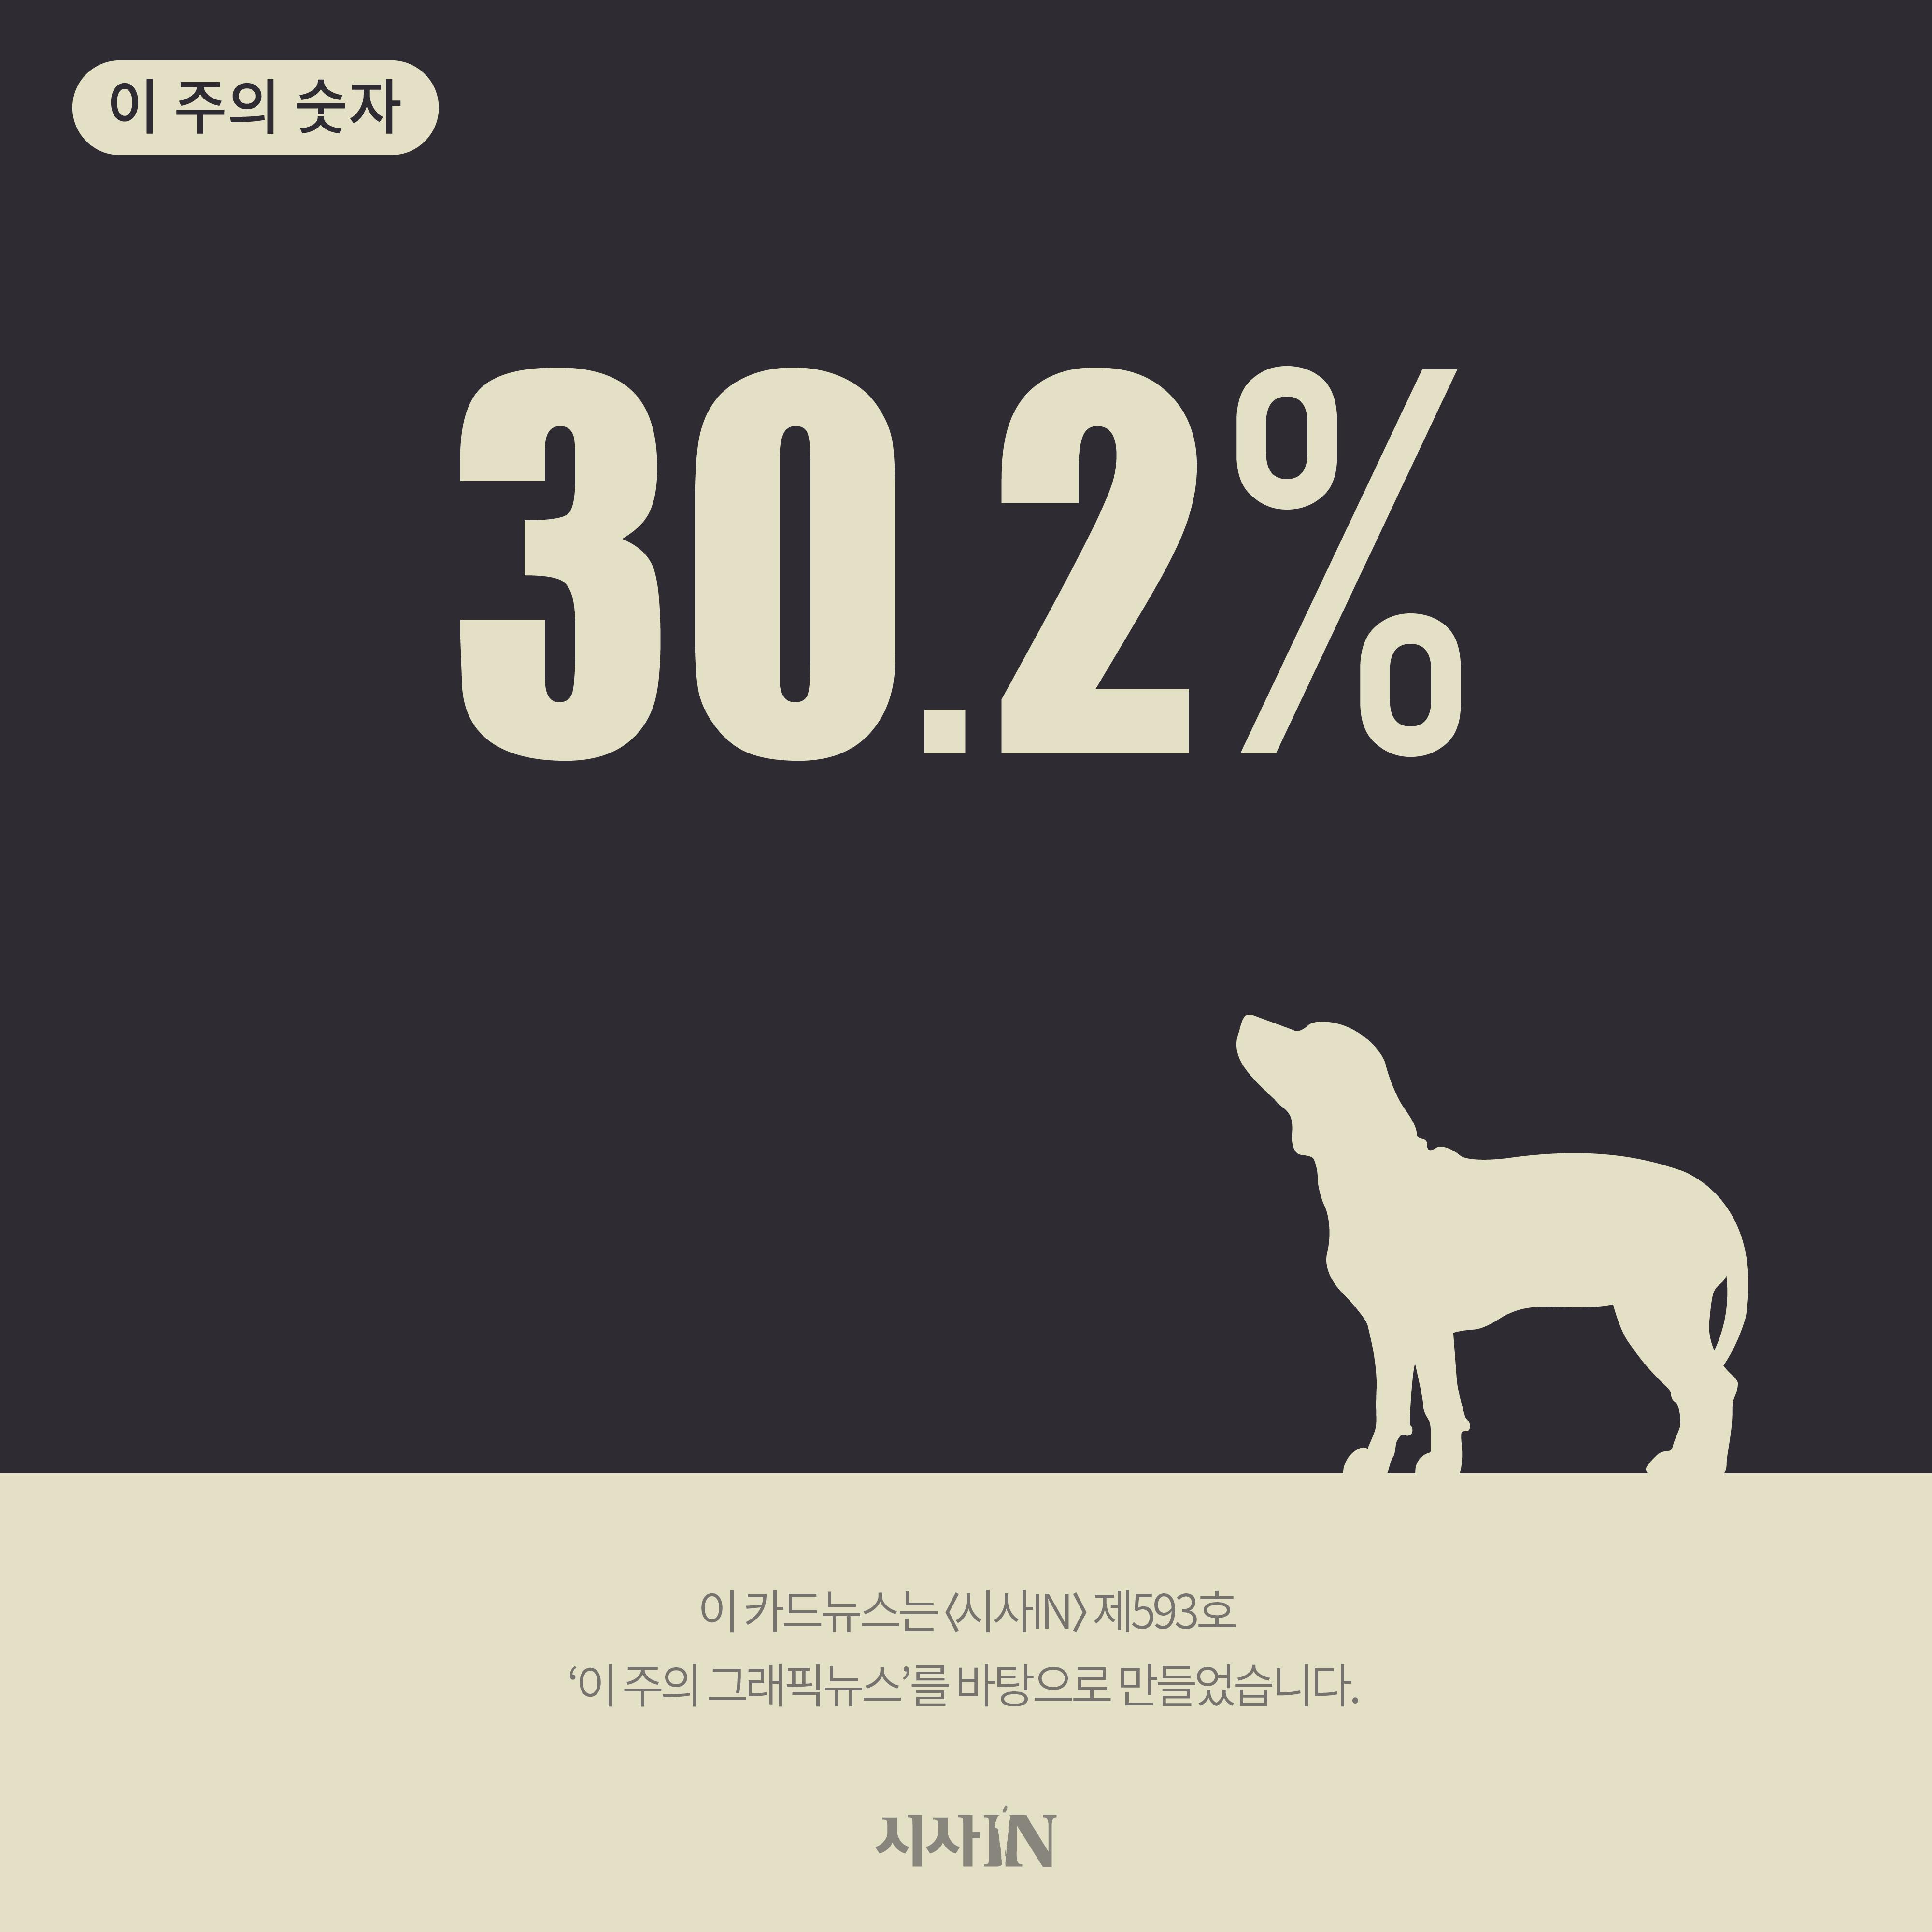 [카드뉴스] 이 주의 그래픽뉴스 - 30.2%